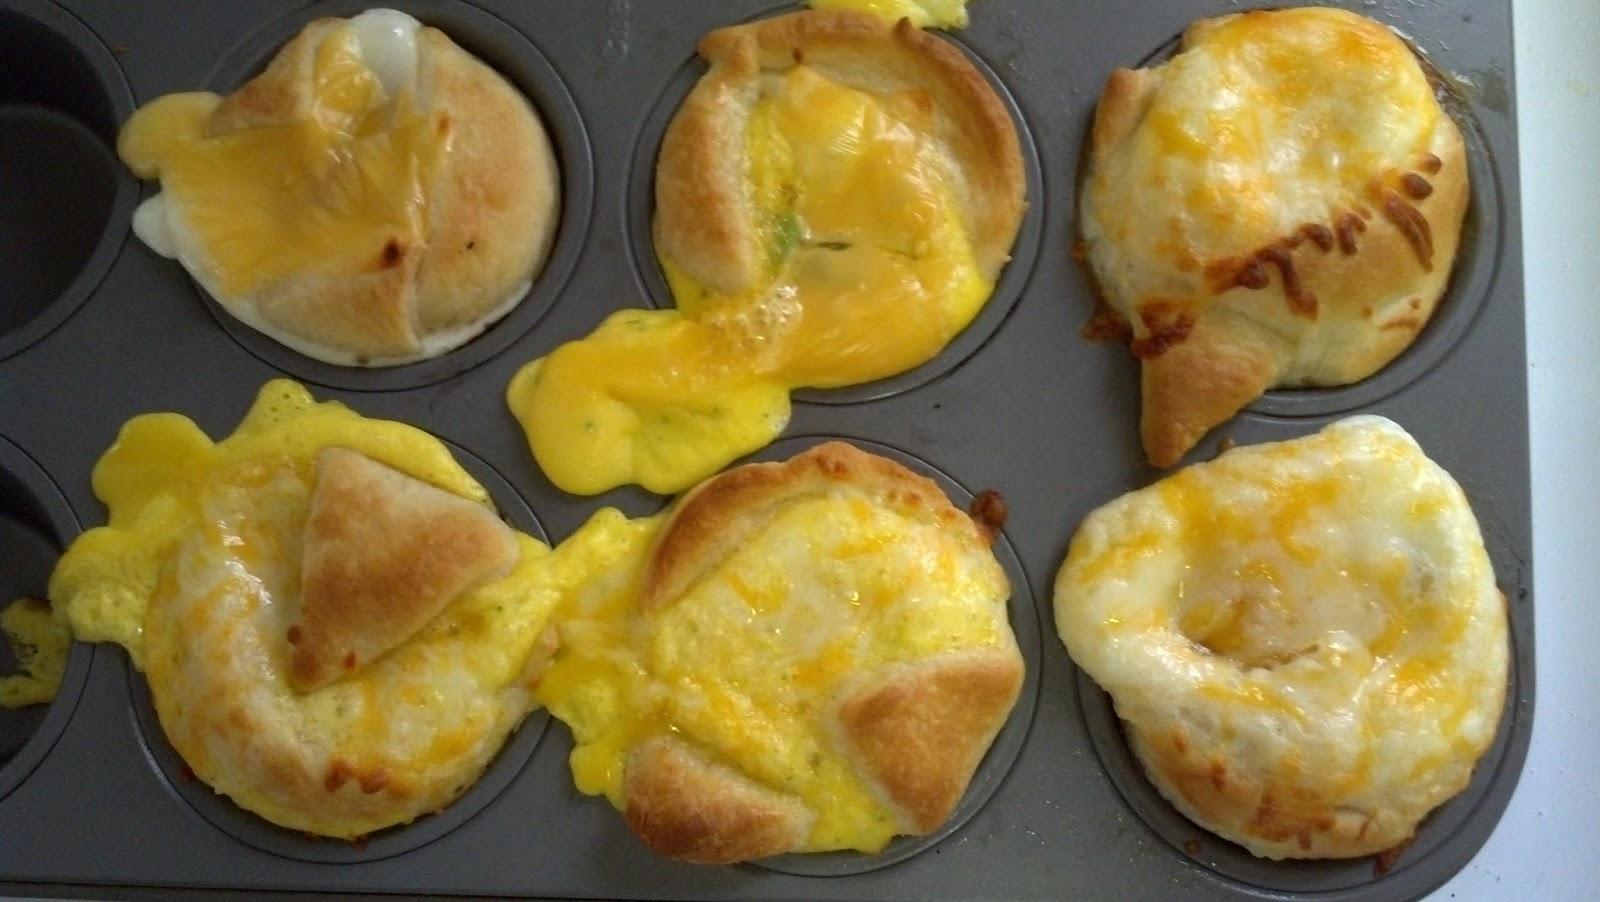 Cupcake Pan Eggs